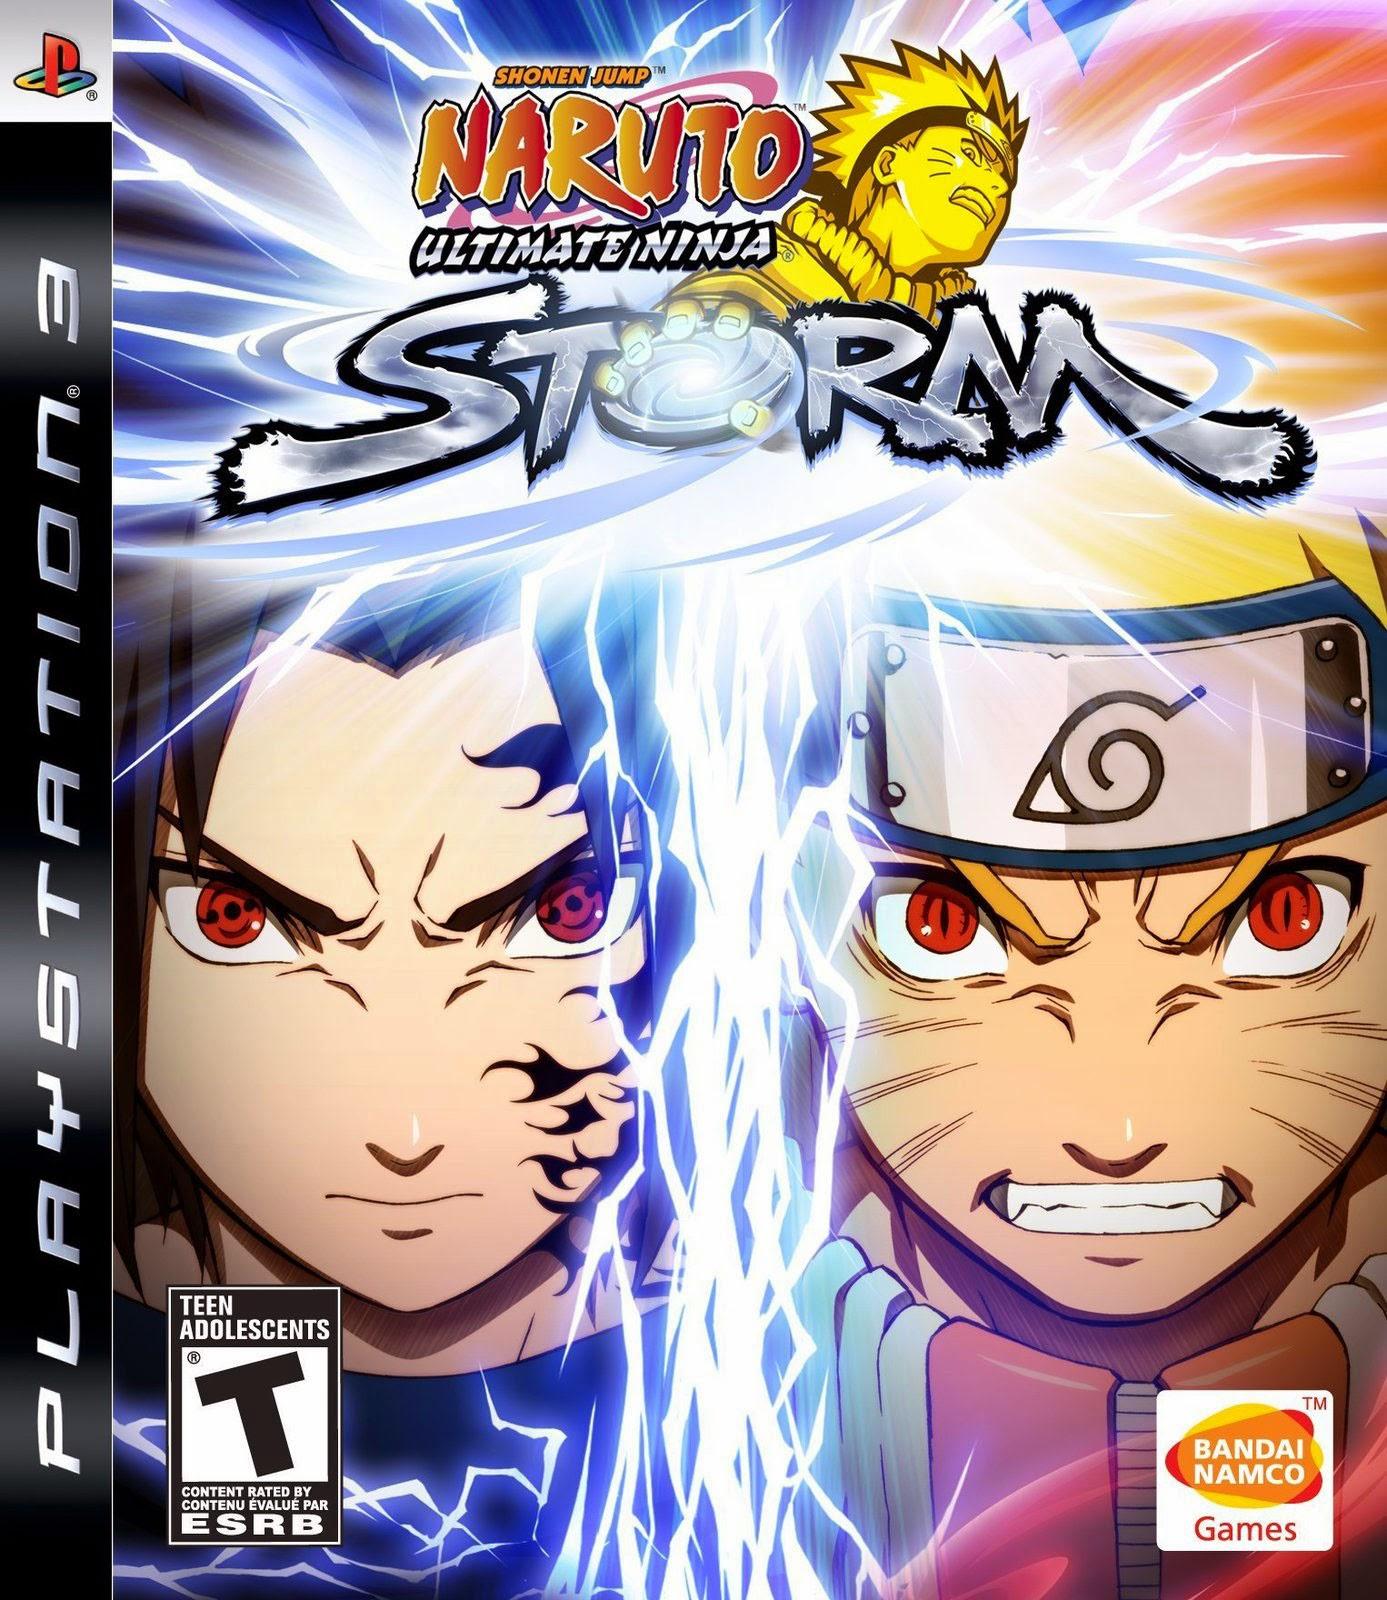 Game Naruto Ultimate Ninja Strom 3 Untuk Pc Games